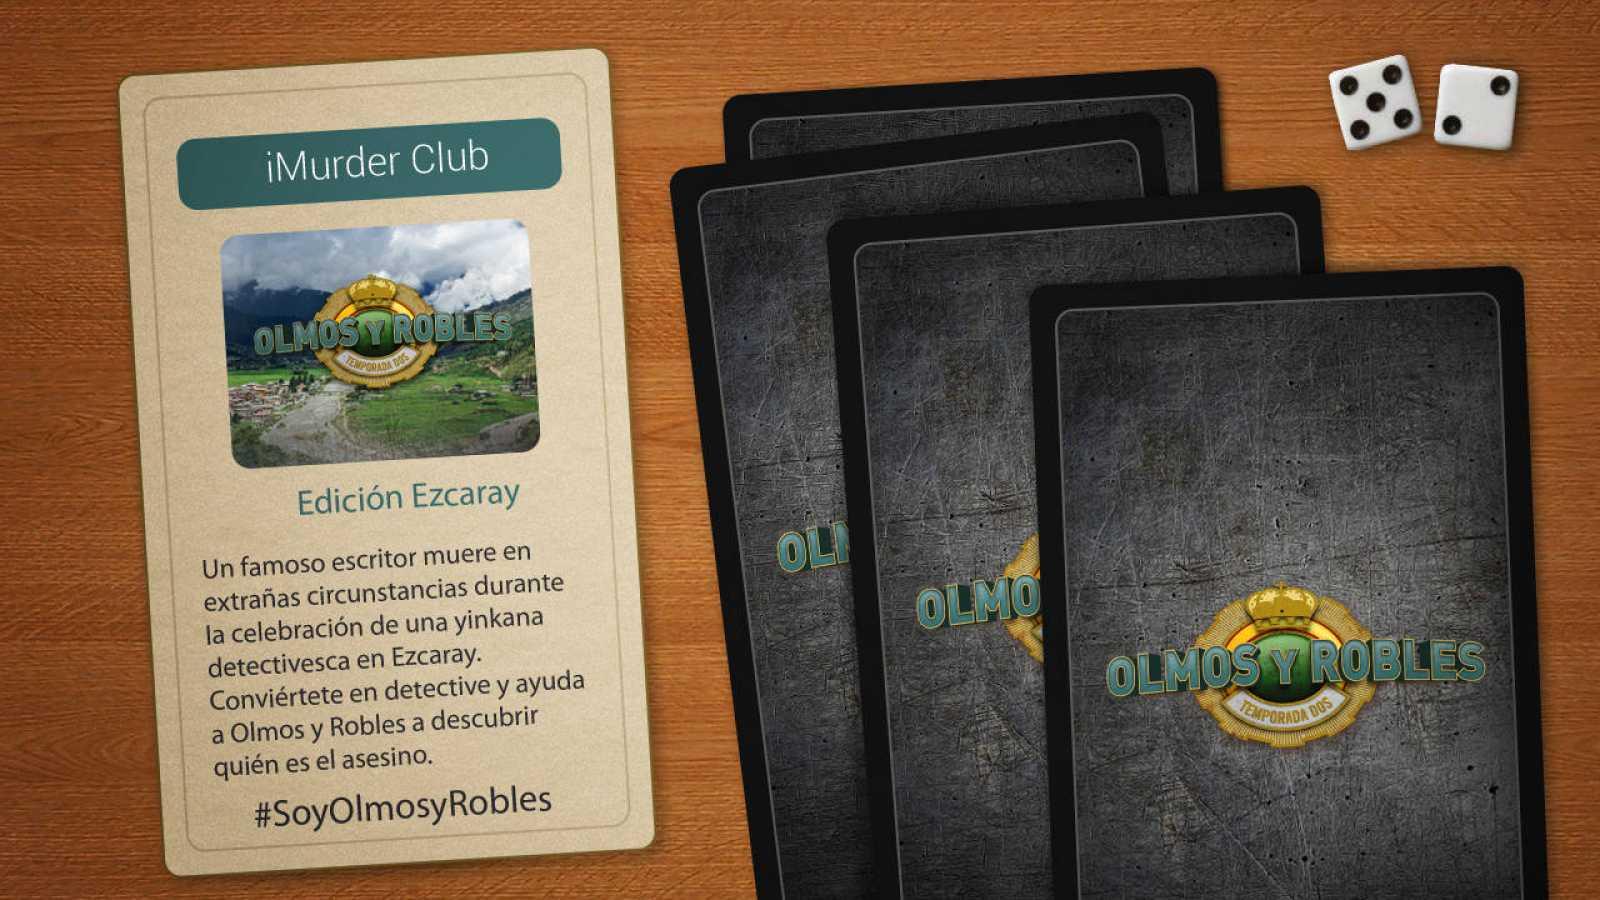 Juega al iMurder Club de Olmos y Robles